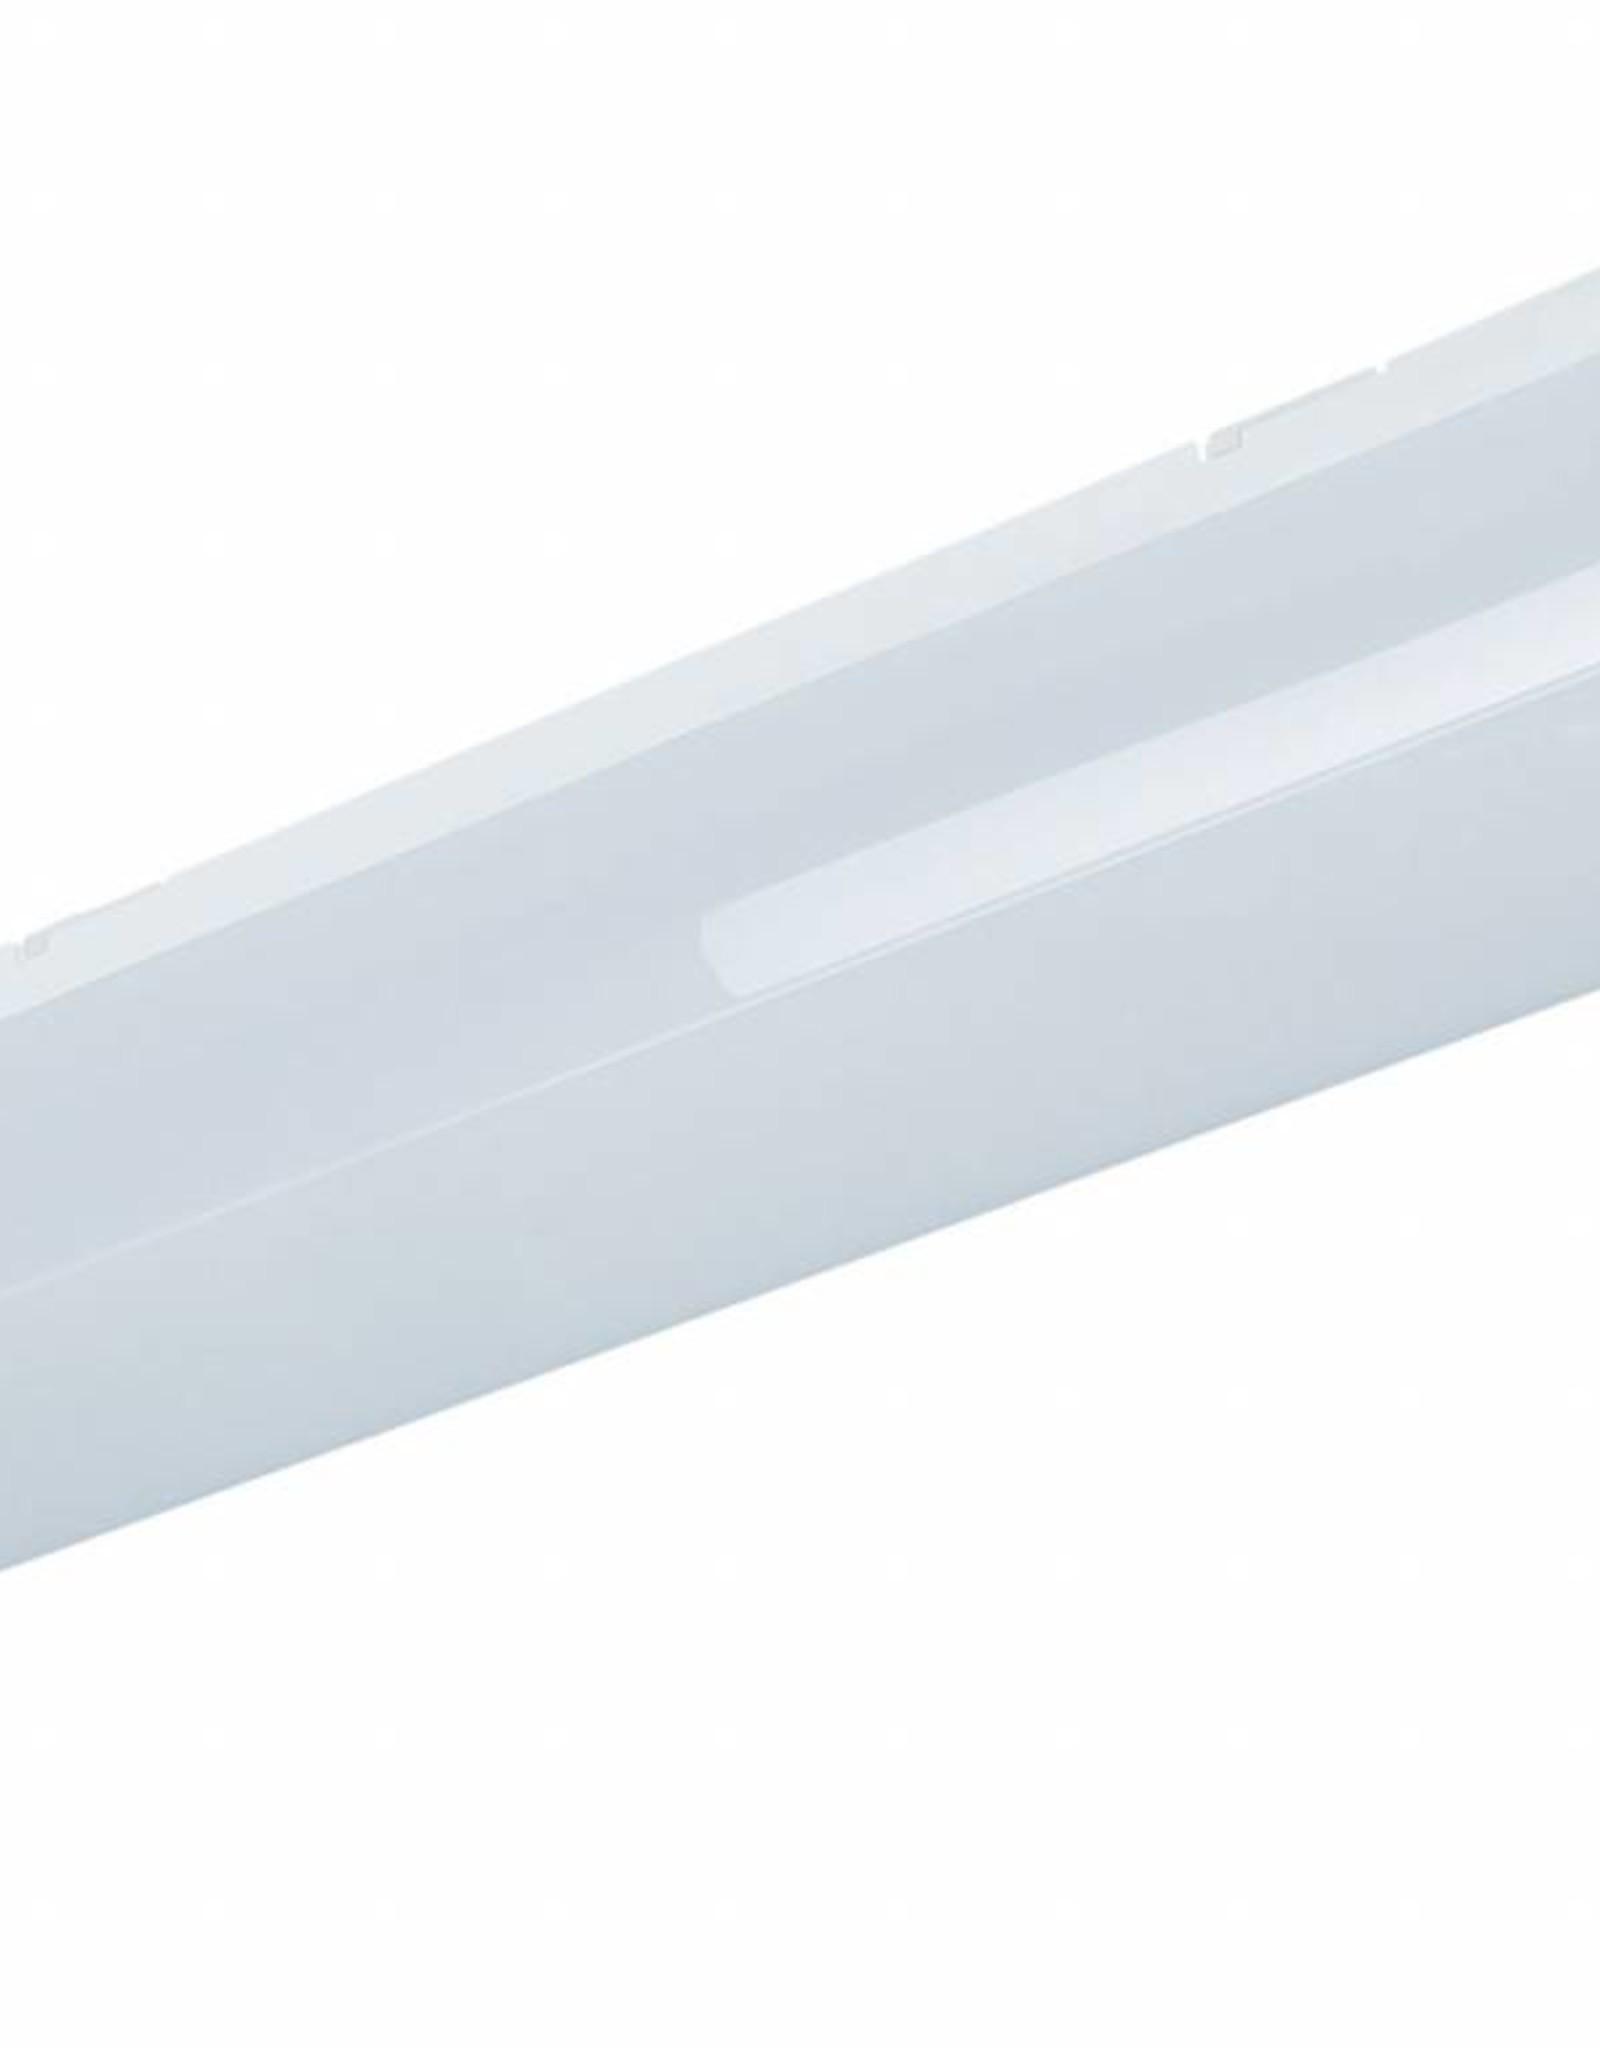 Linea 1.4ft 2600/840 M1h